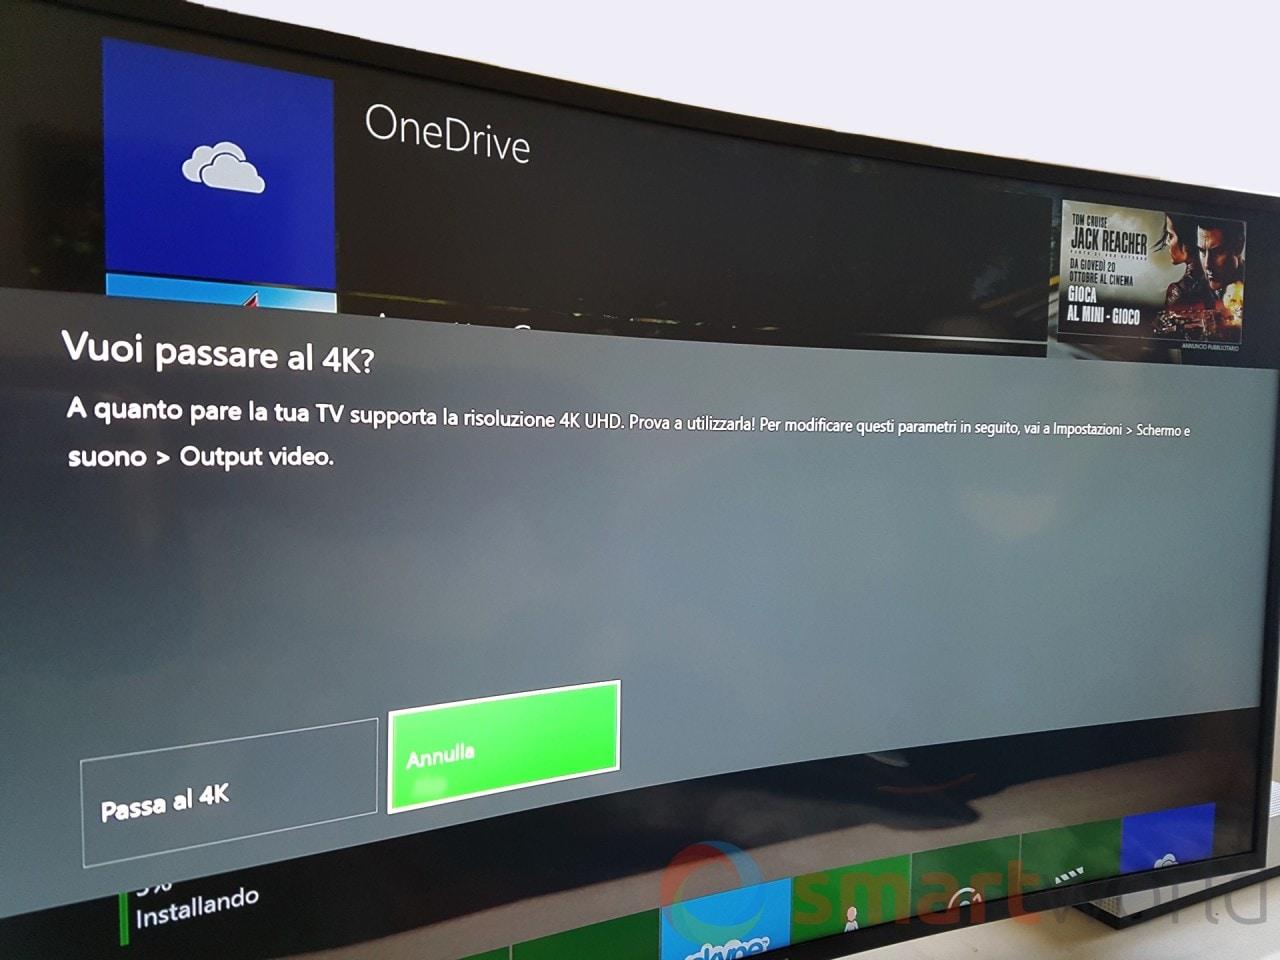 Recensione Xbox One S - Nel caso di collegamento a un televisore 4K si aprirà un'apposita finestra di dialogo per cambiare la risoluzione della console.